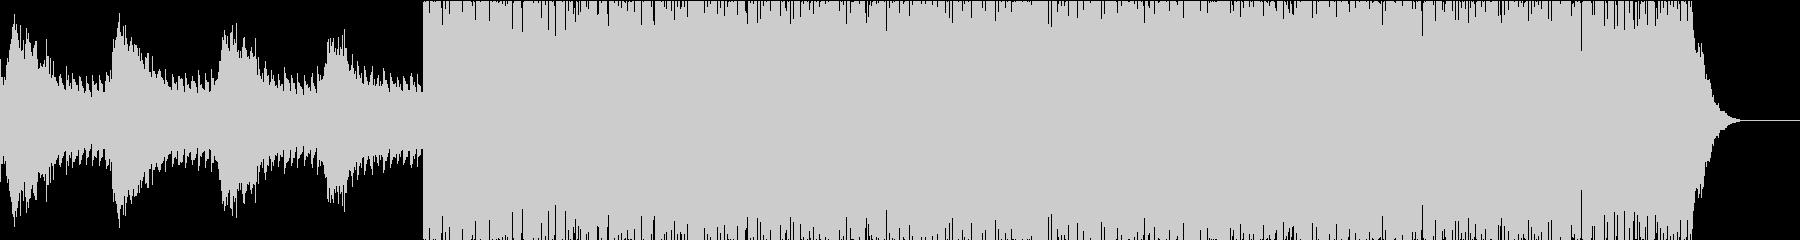 【ゲーム・TV】シリアスシーンBGMの未再生の波形